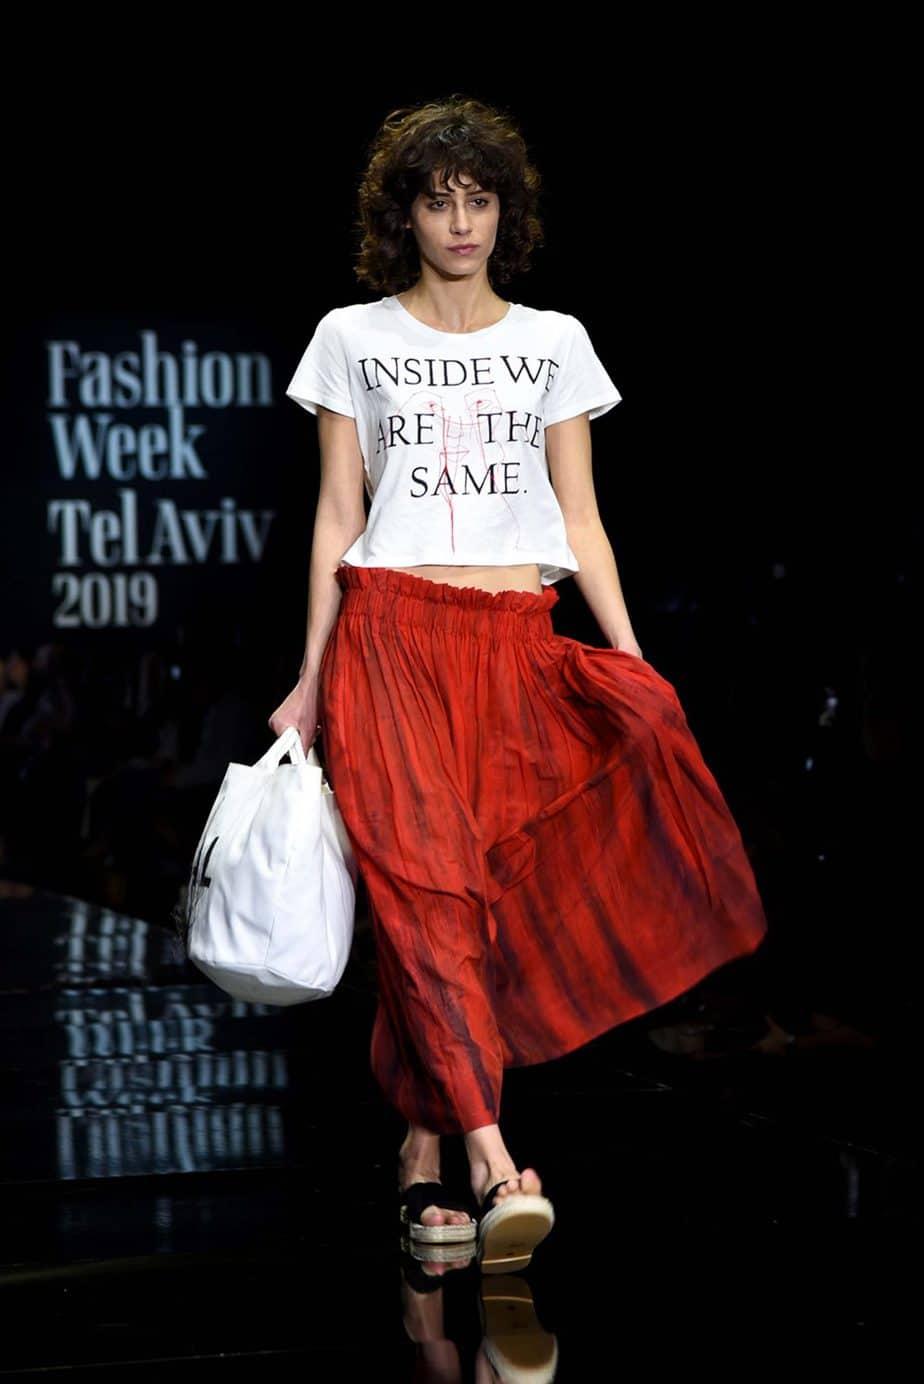 מיכל ירסאנש מנגיסטו. חממת מפעל הפיס. שבוע האופנה תל אביב 2019. צילום: לימור יערי - 1